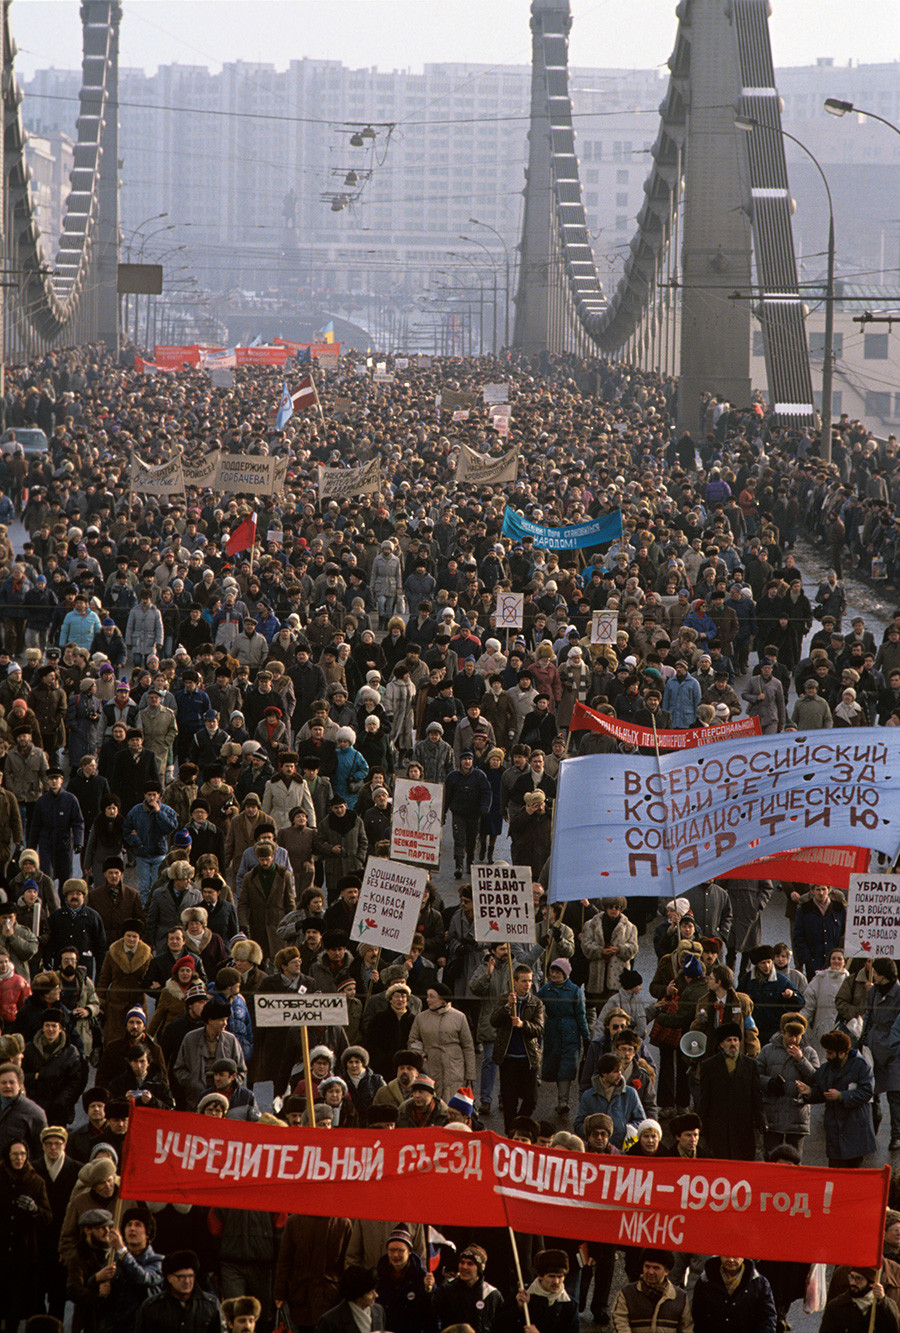 Снаге демократског блока су 4. фебруара 1990. организовале шетњу и митинг у Москви.